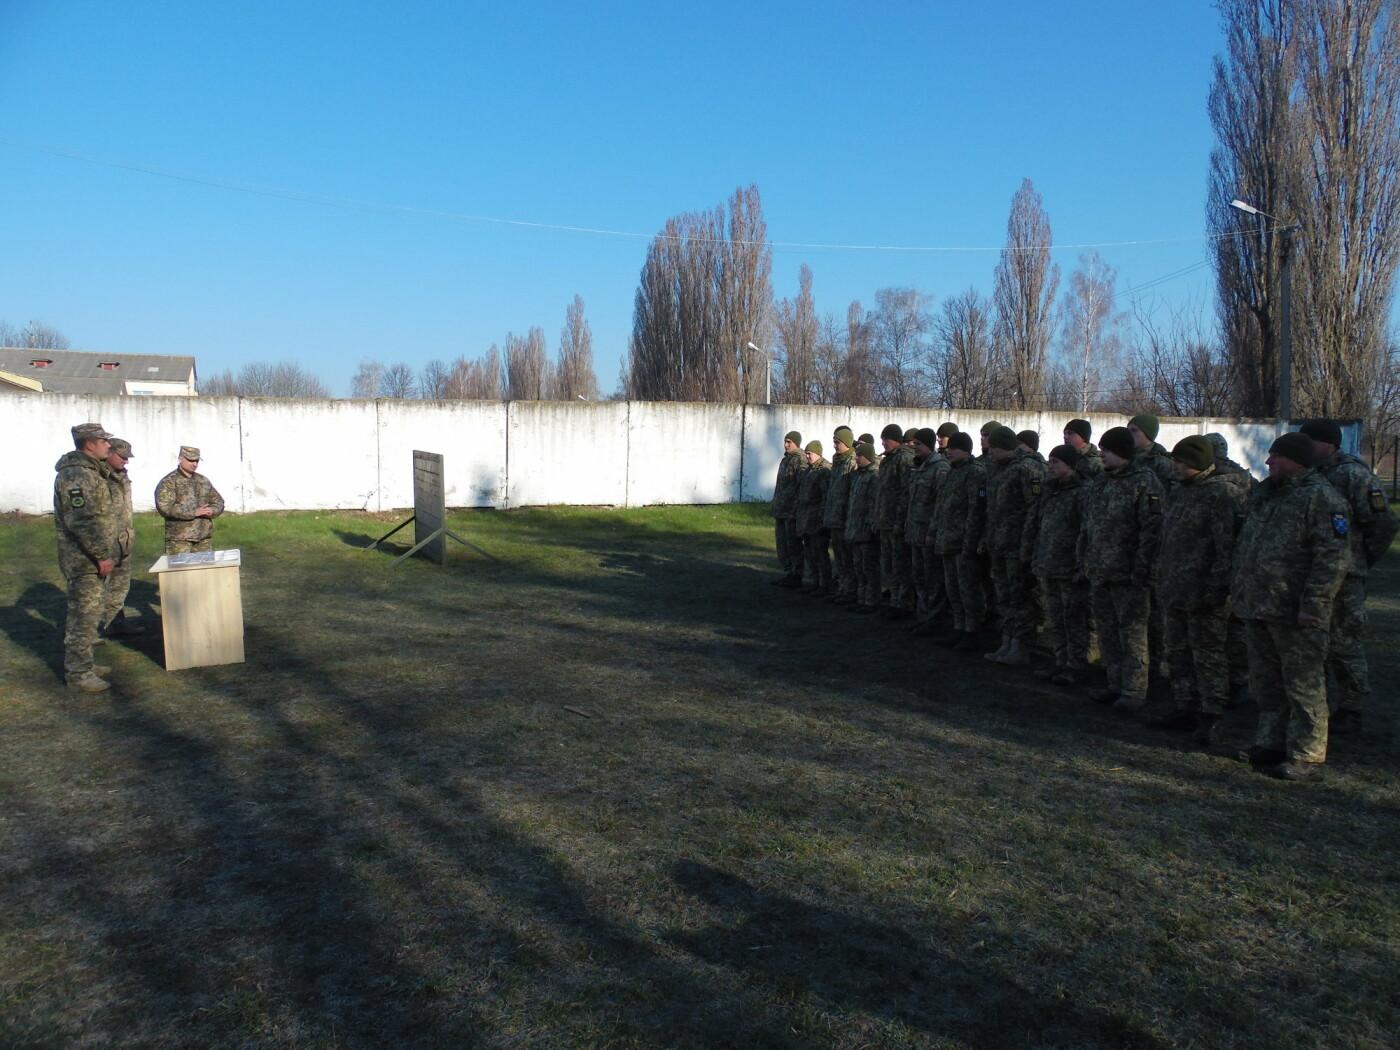 Ще 24 фахівців-кінологів поповнили сьогодні частини і підрозділи Збройні Сили України, фото-1, Фото: Центр розмінування